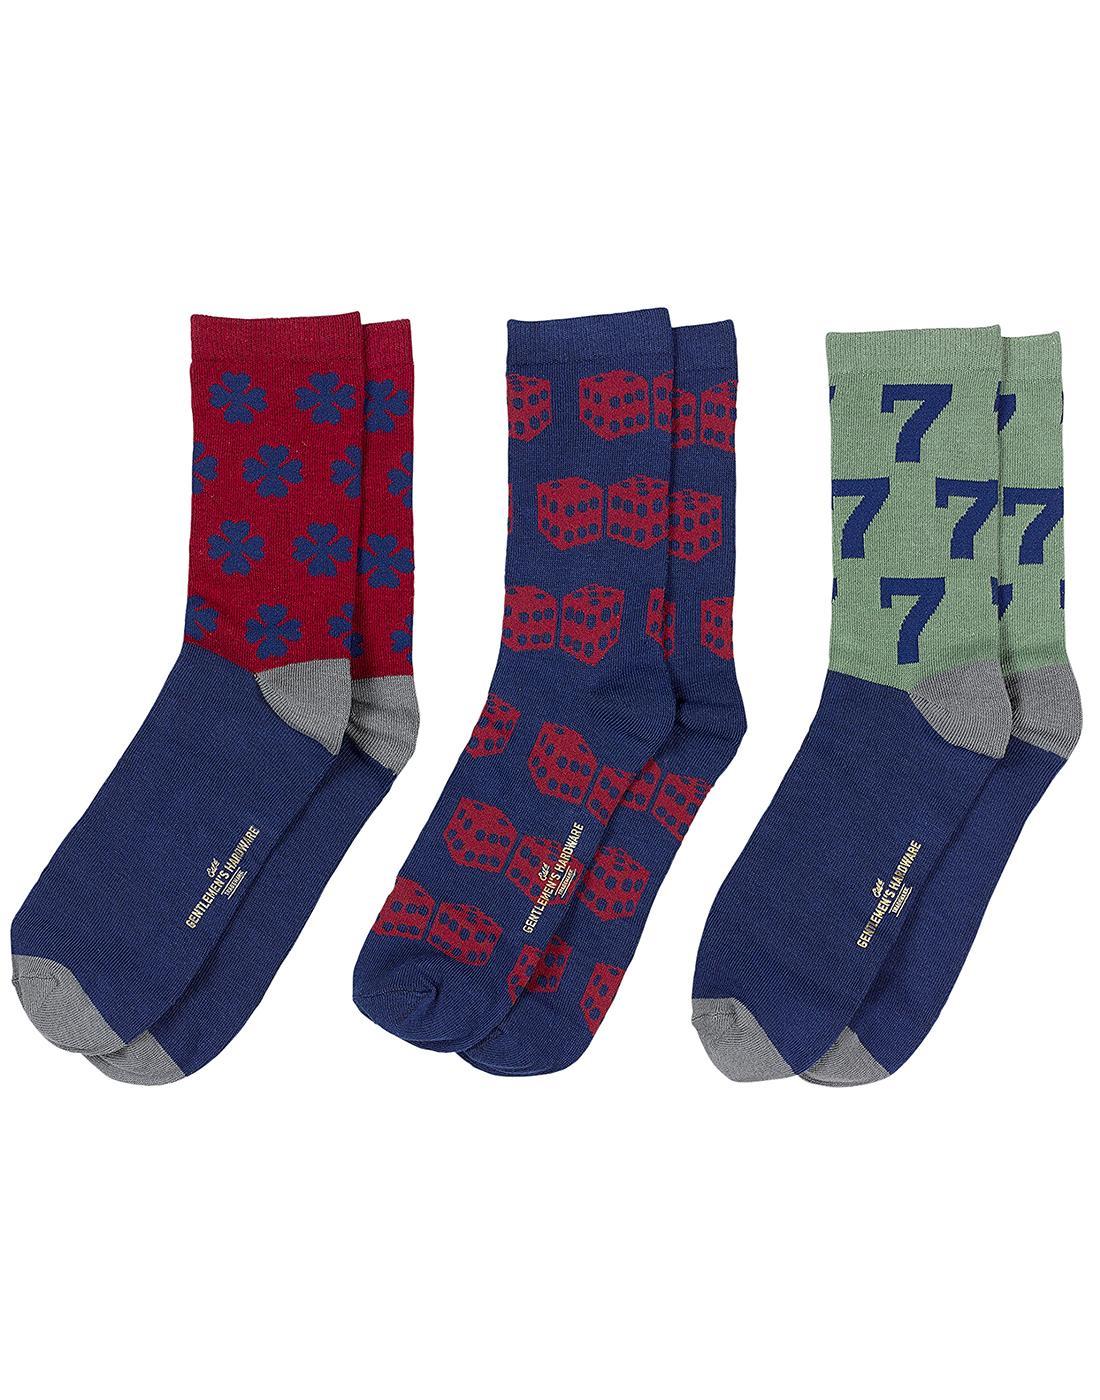 Lucky Socks GENTLEMEN'S HARDWARE Gift Set Socks